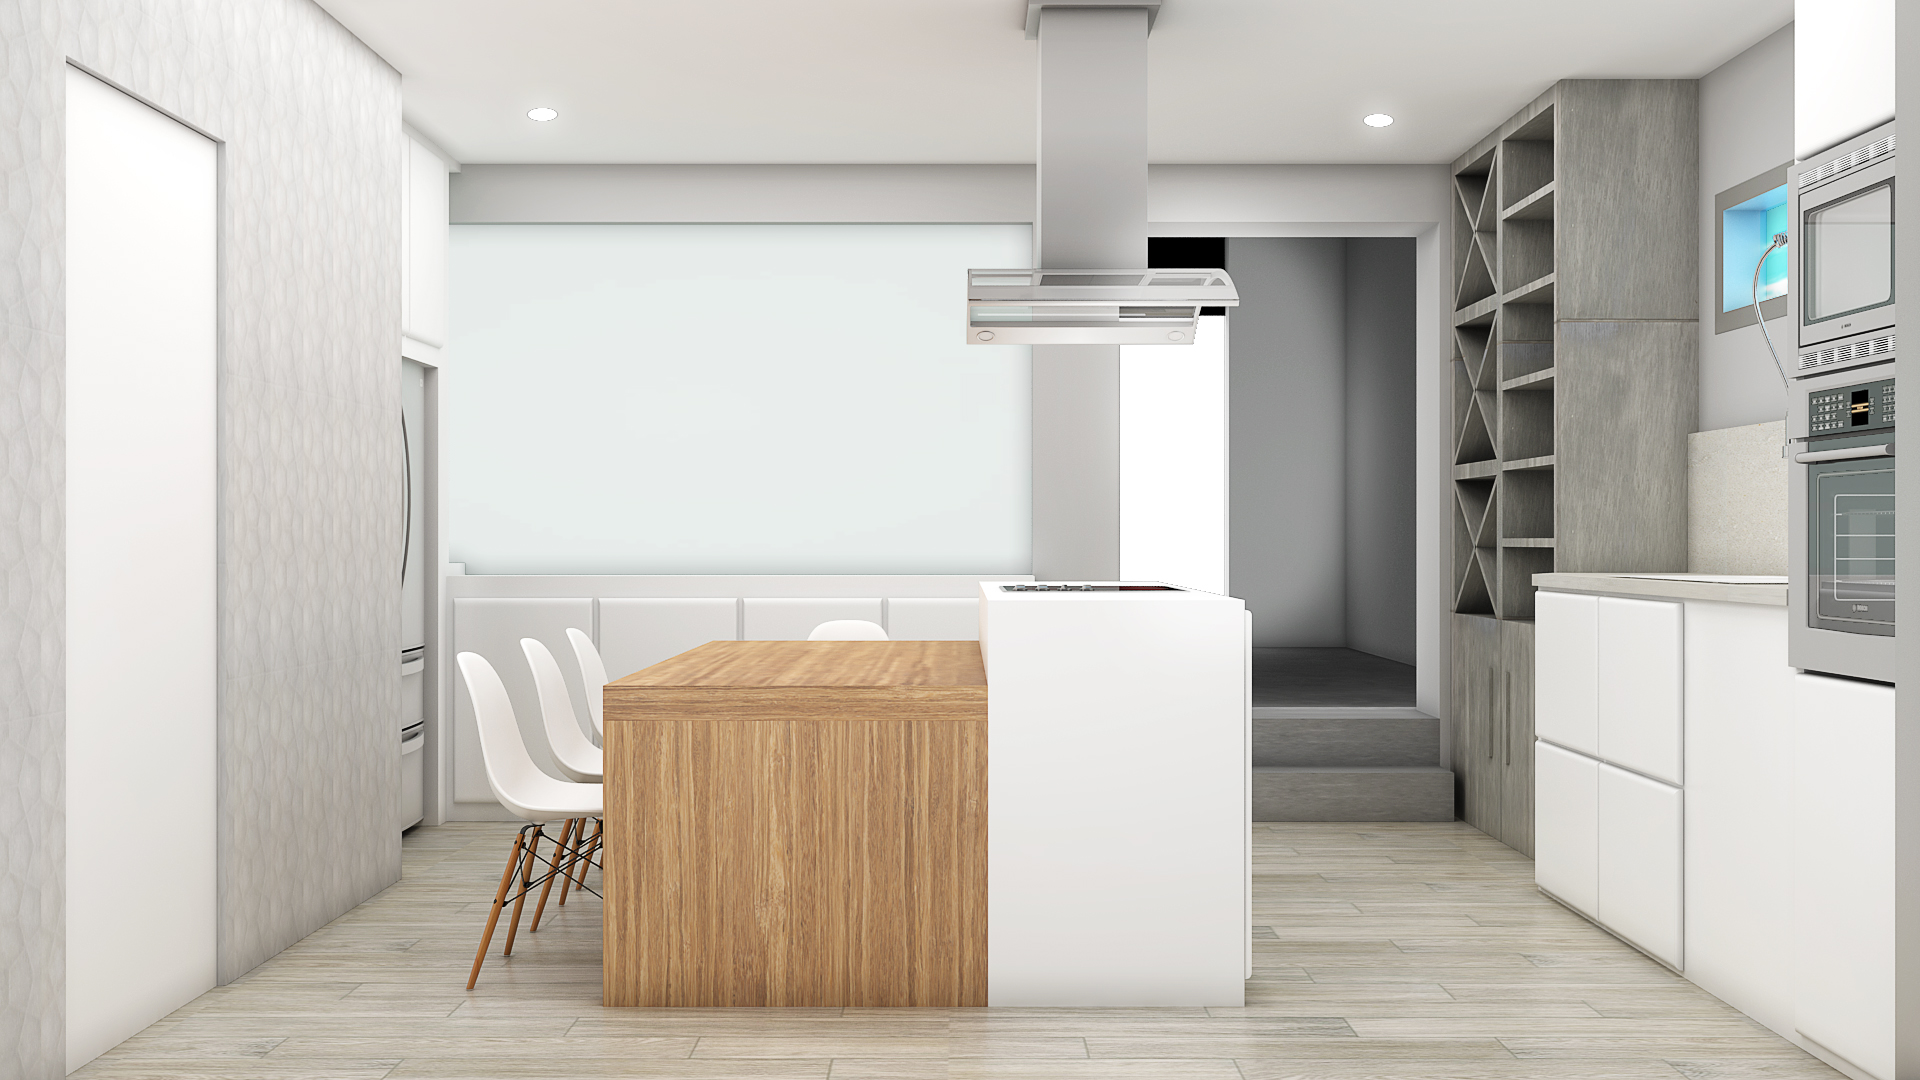 Proyecto de interiorismo y creaci n de mobiliario en - Proyectos de interiorismo online ...